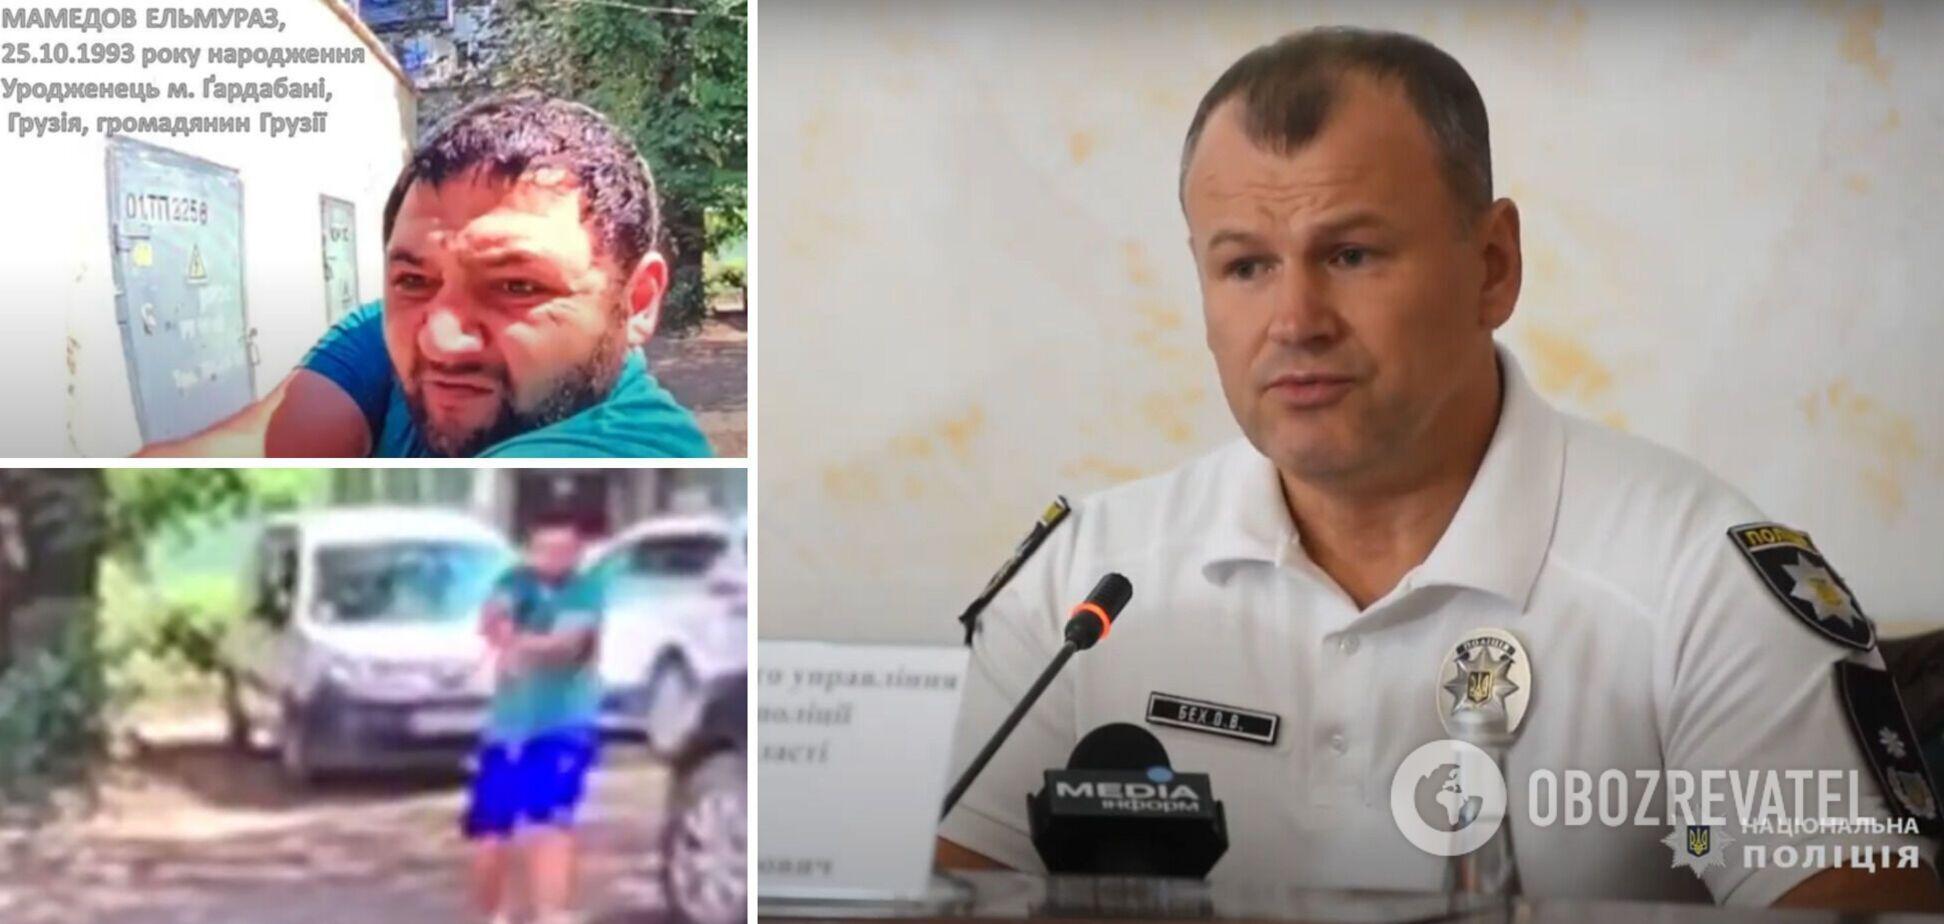 Встановлено особу кілера, який вбив людину в Одесі, і причину нападу. Відео